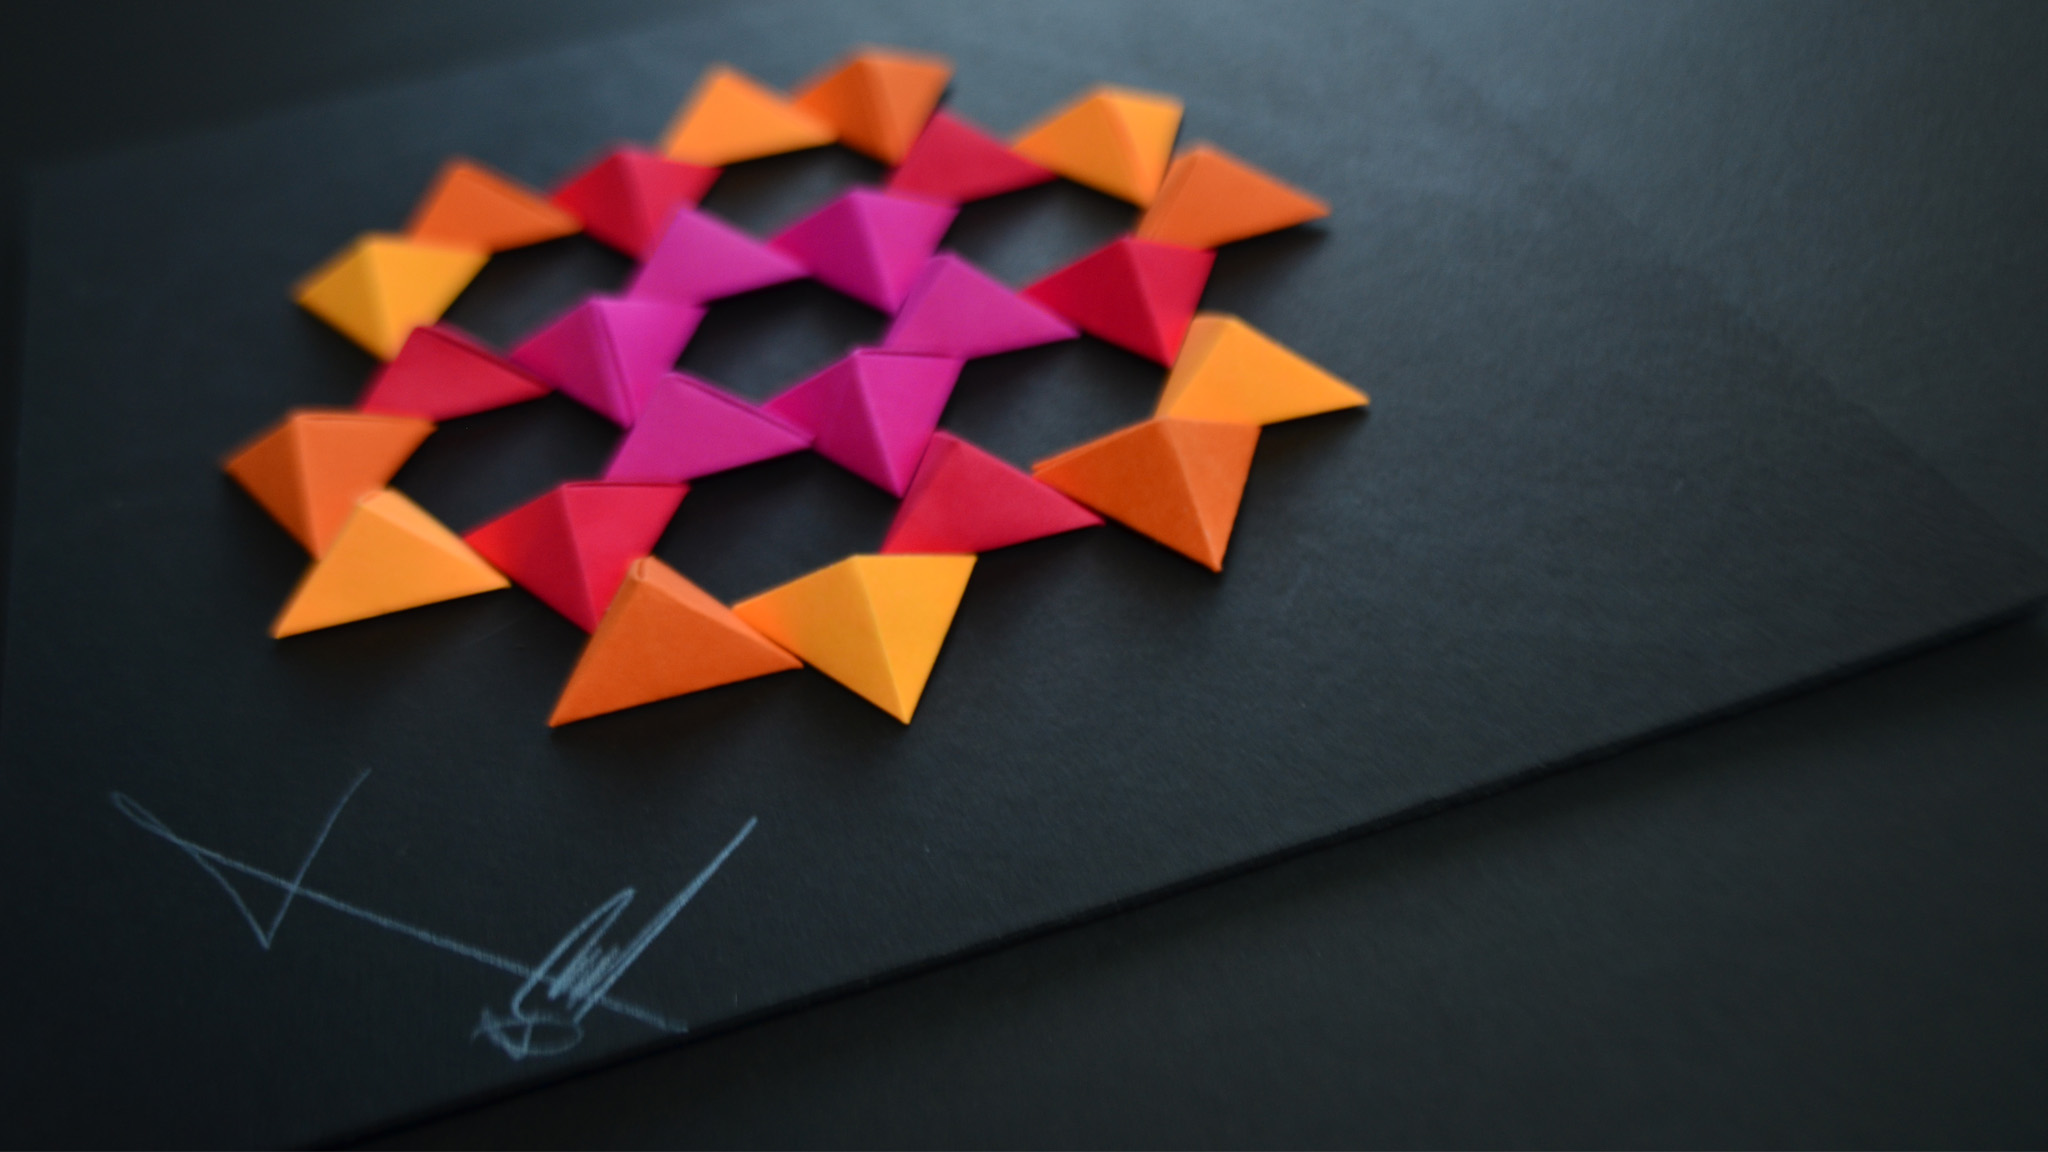 arte origami javier miranda venezuela